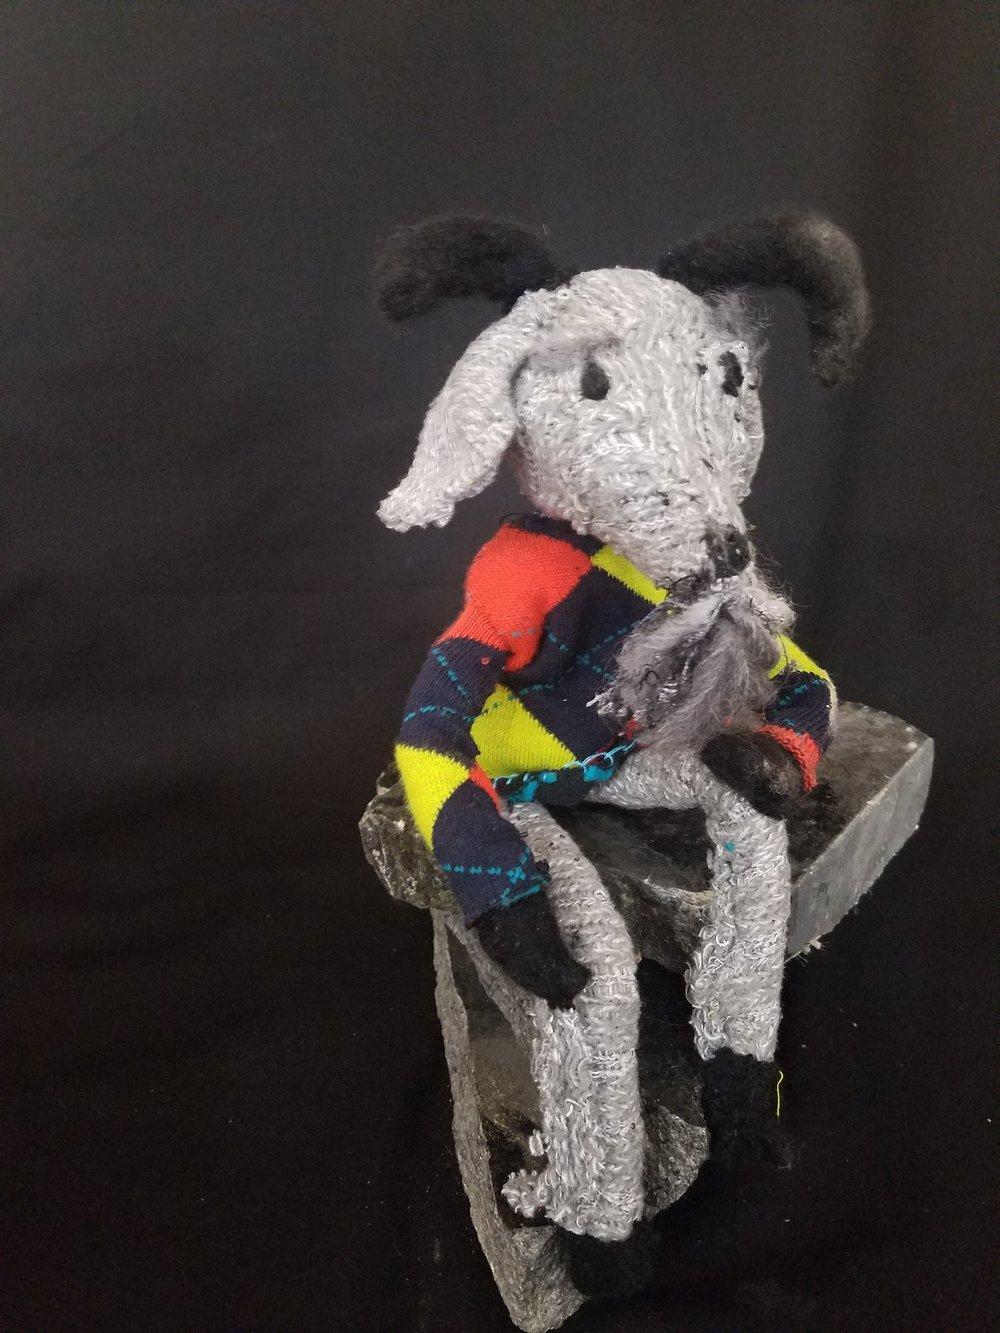 Mr. Goat loves Argyle